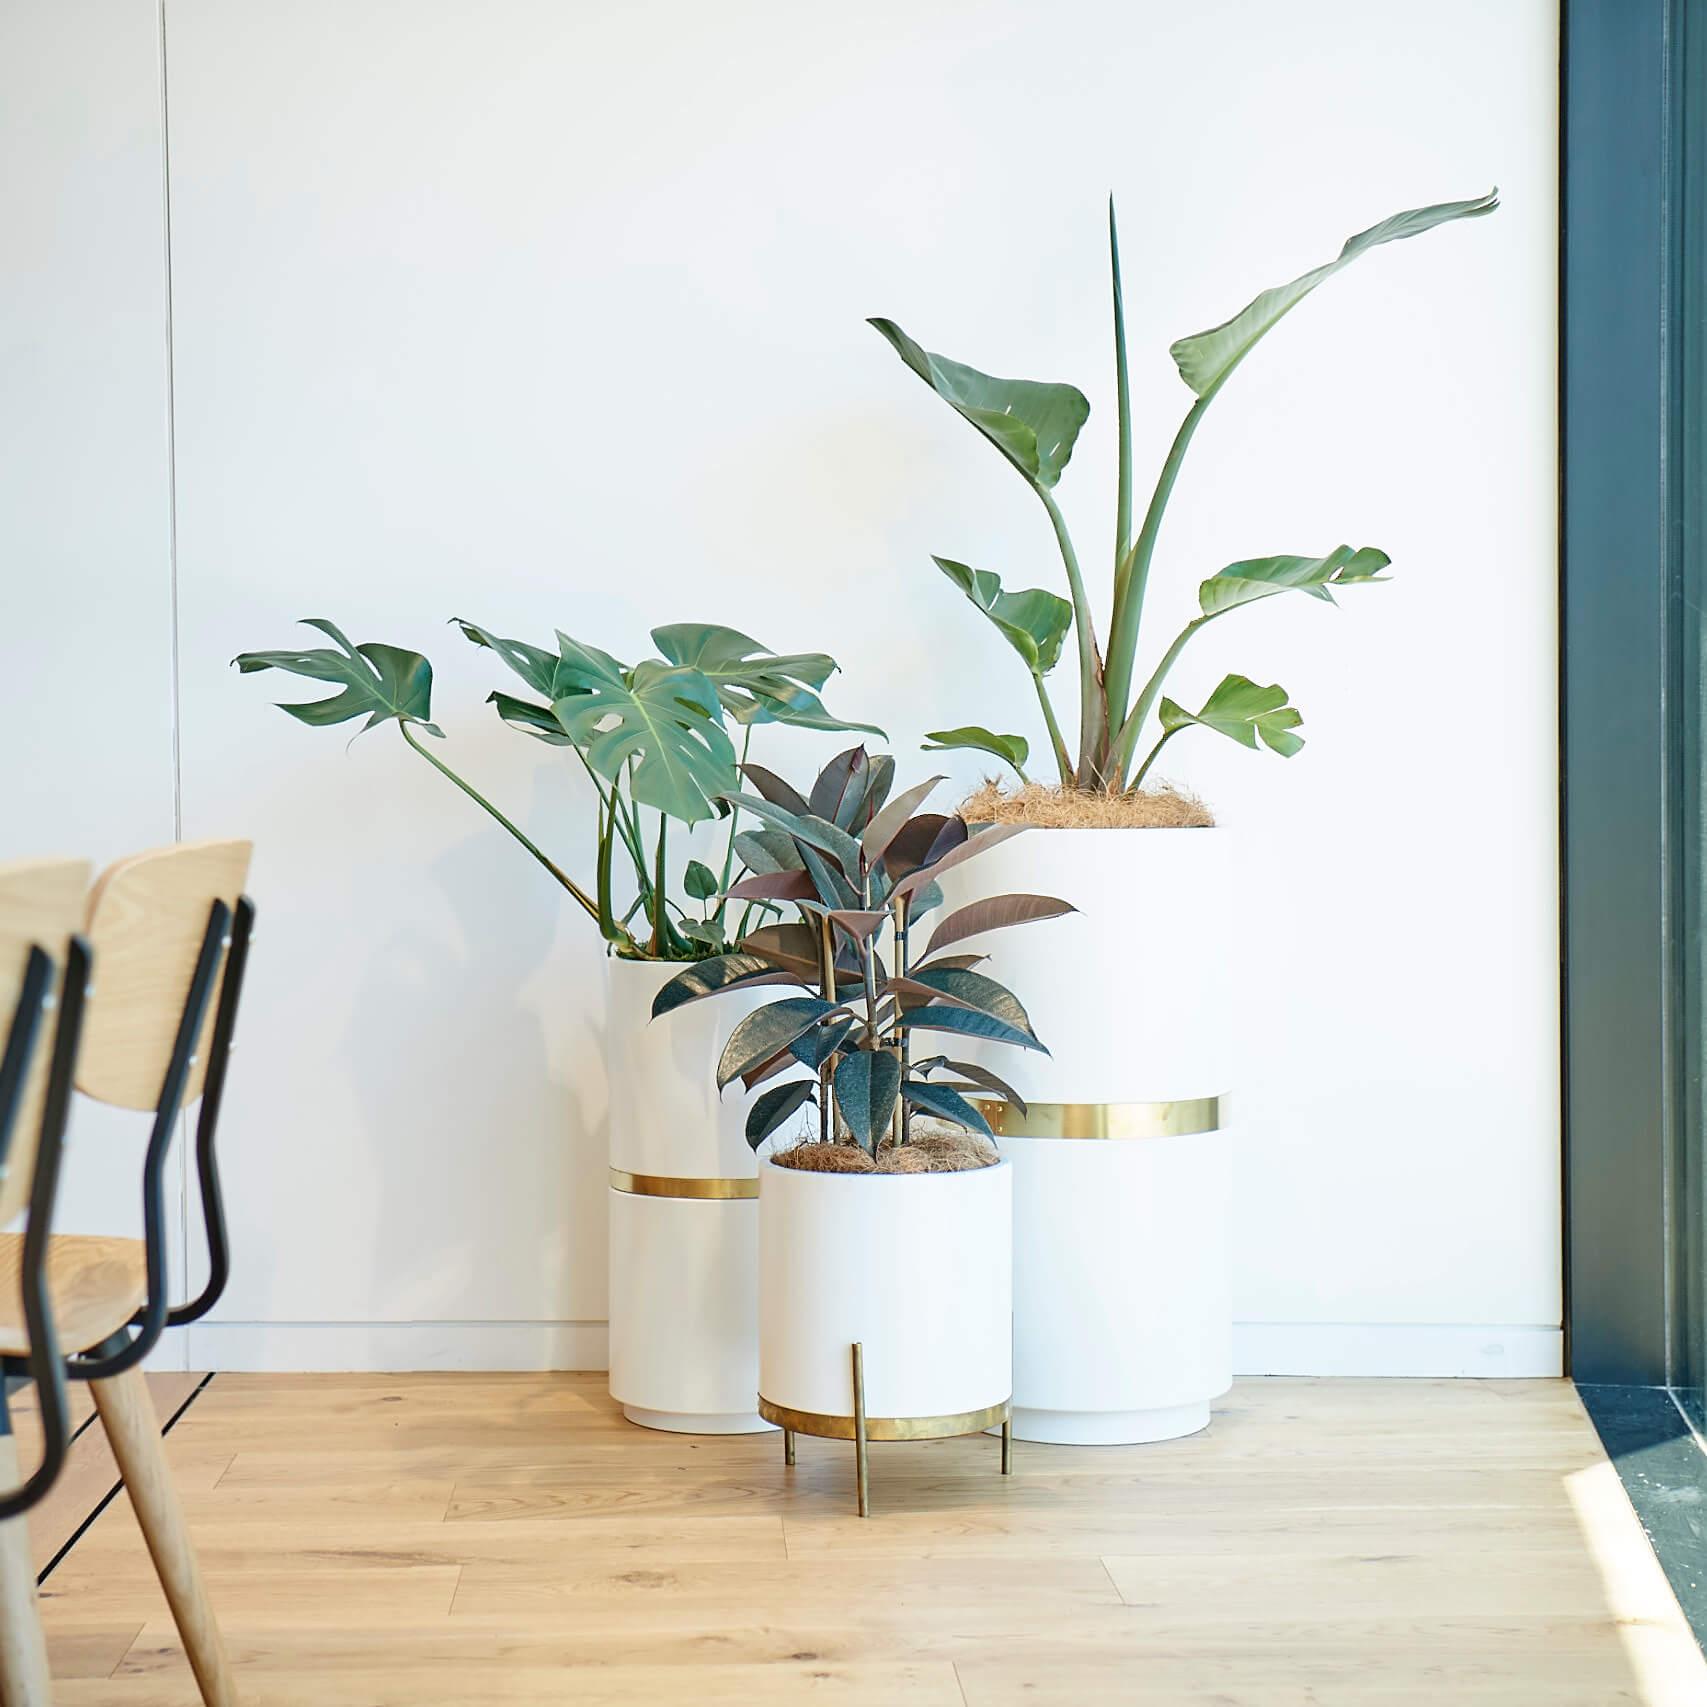 portfolio-coworking-spaces-generatorwynyardquarter-image2